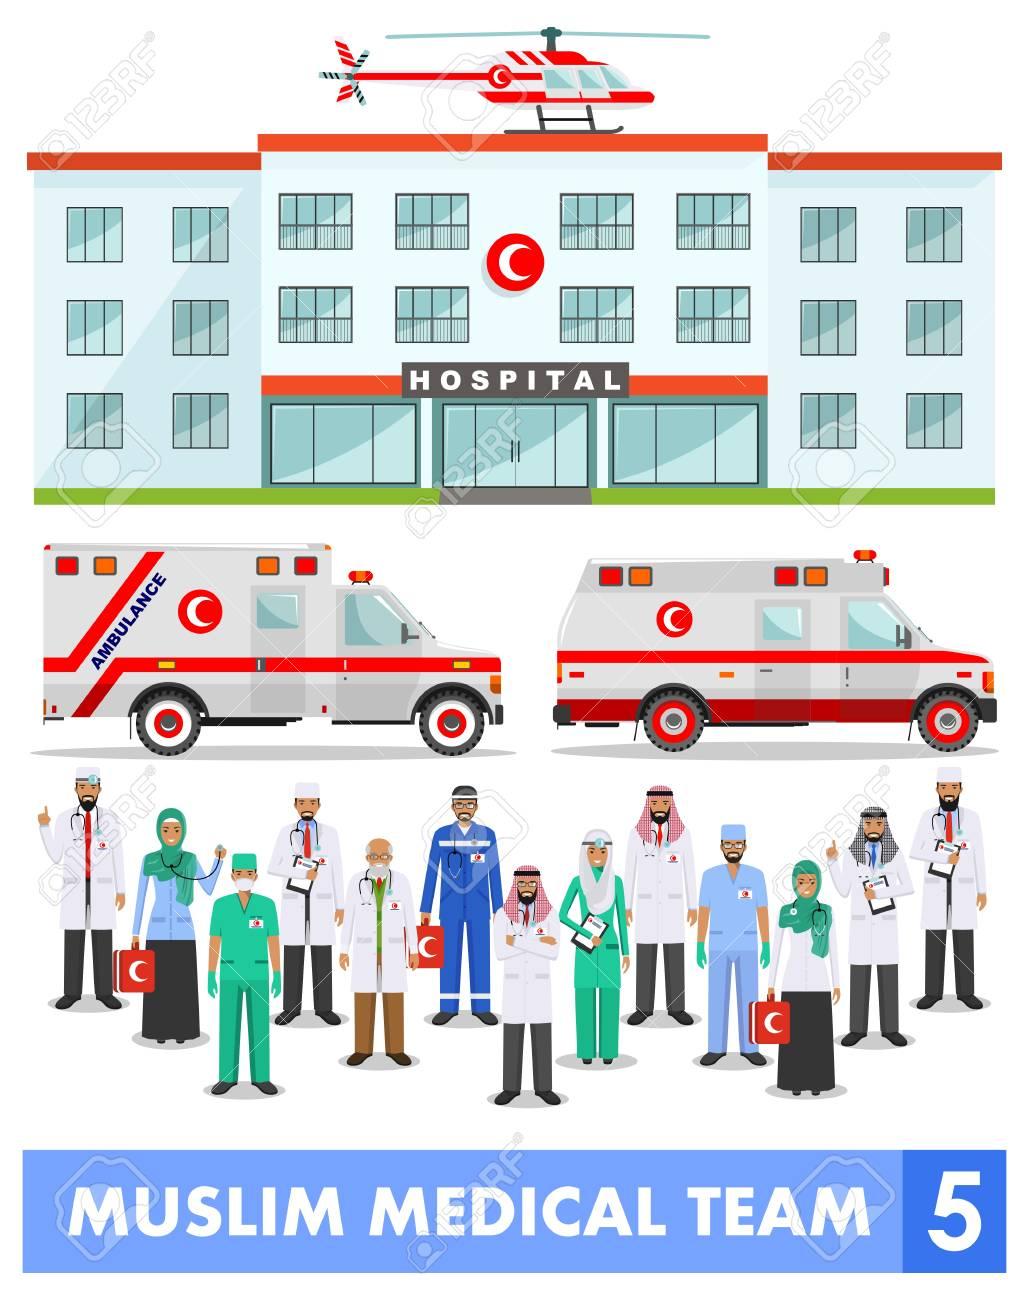 イスラム教徒アラビア語医療スタッフ、医療ヘリコプター、救急車車や病院の白い背景の上のフラット  スタイルの建物の詳細なイラスト。開業医アラビア語医者は男と女が立っています。